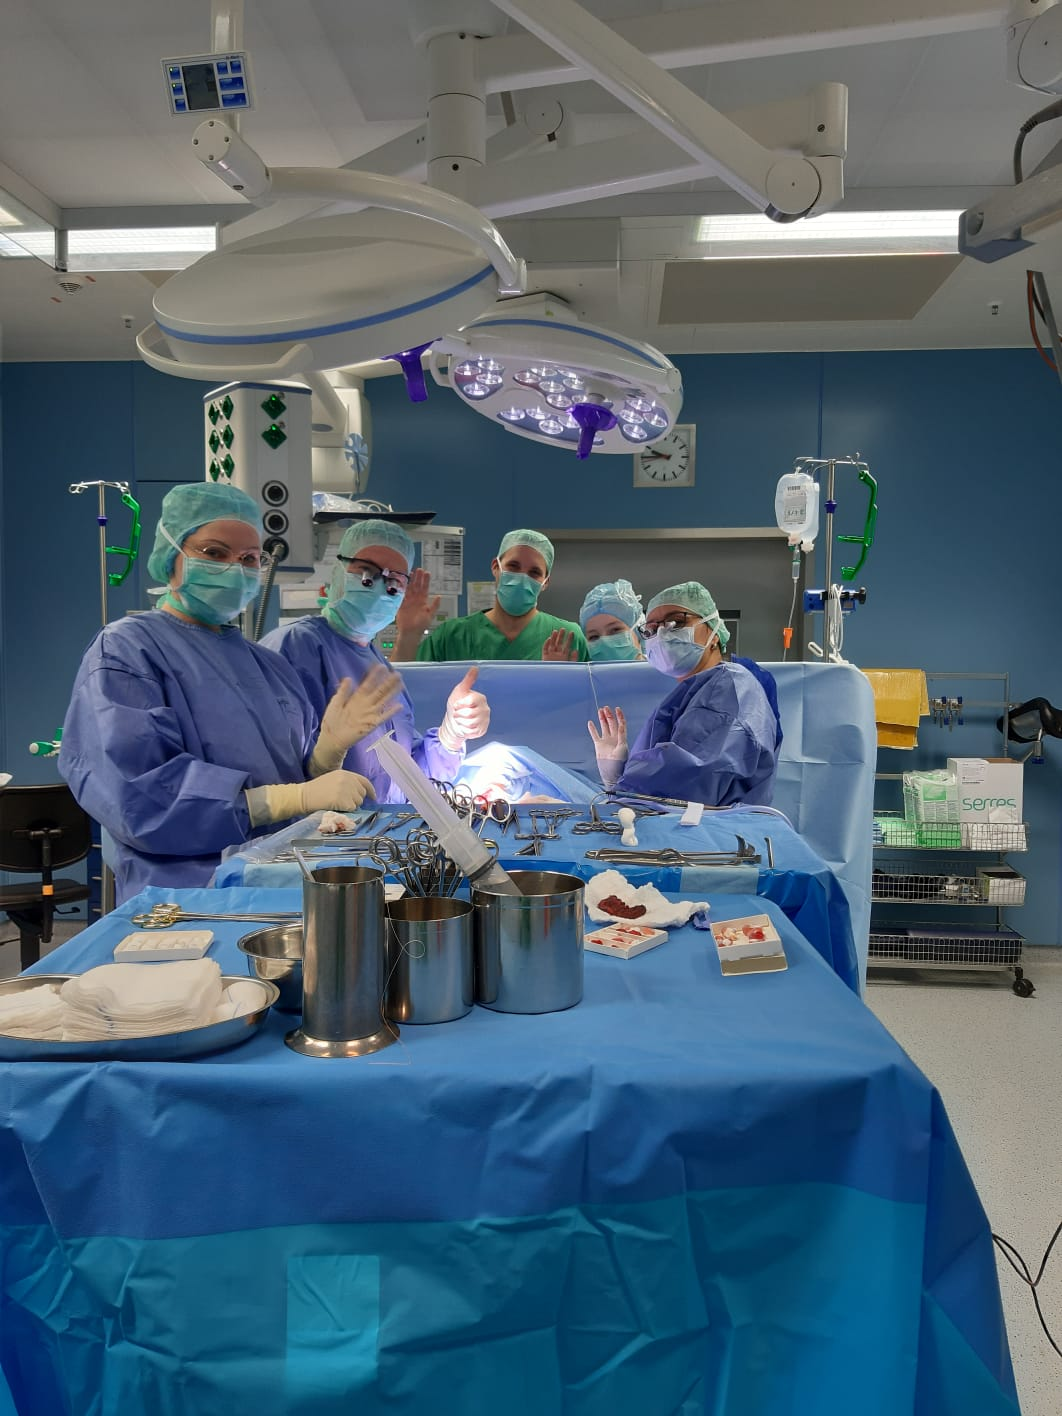 Operation am offenen Herzen